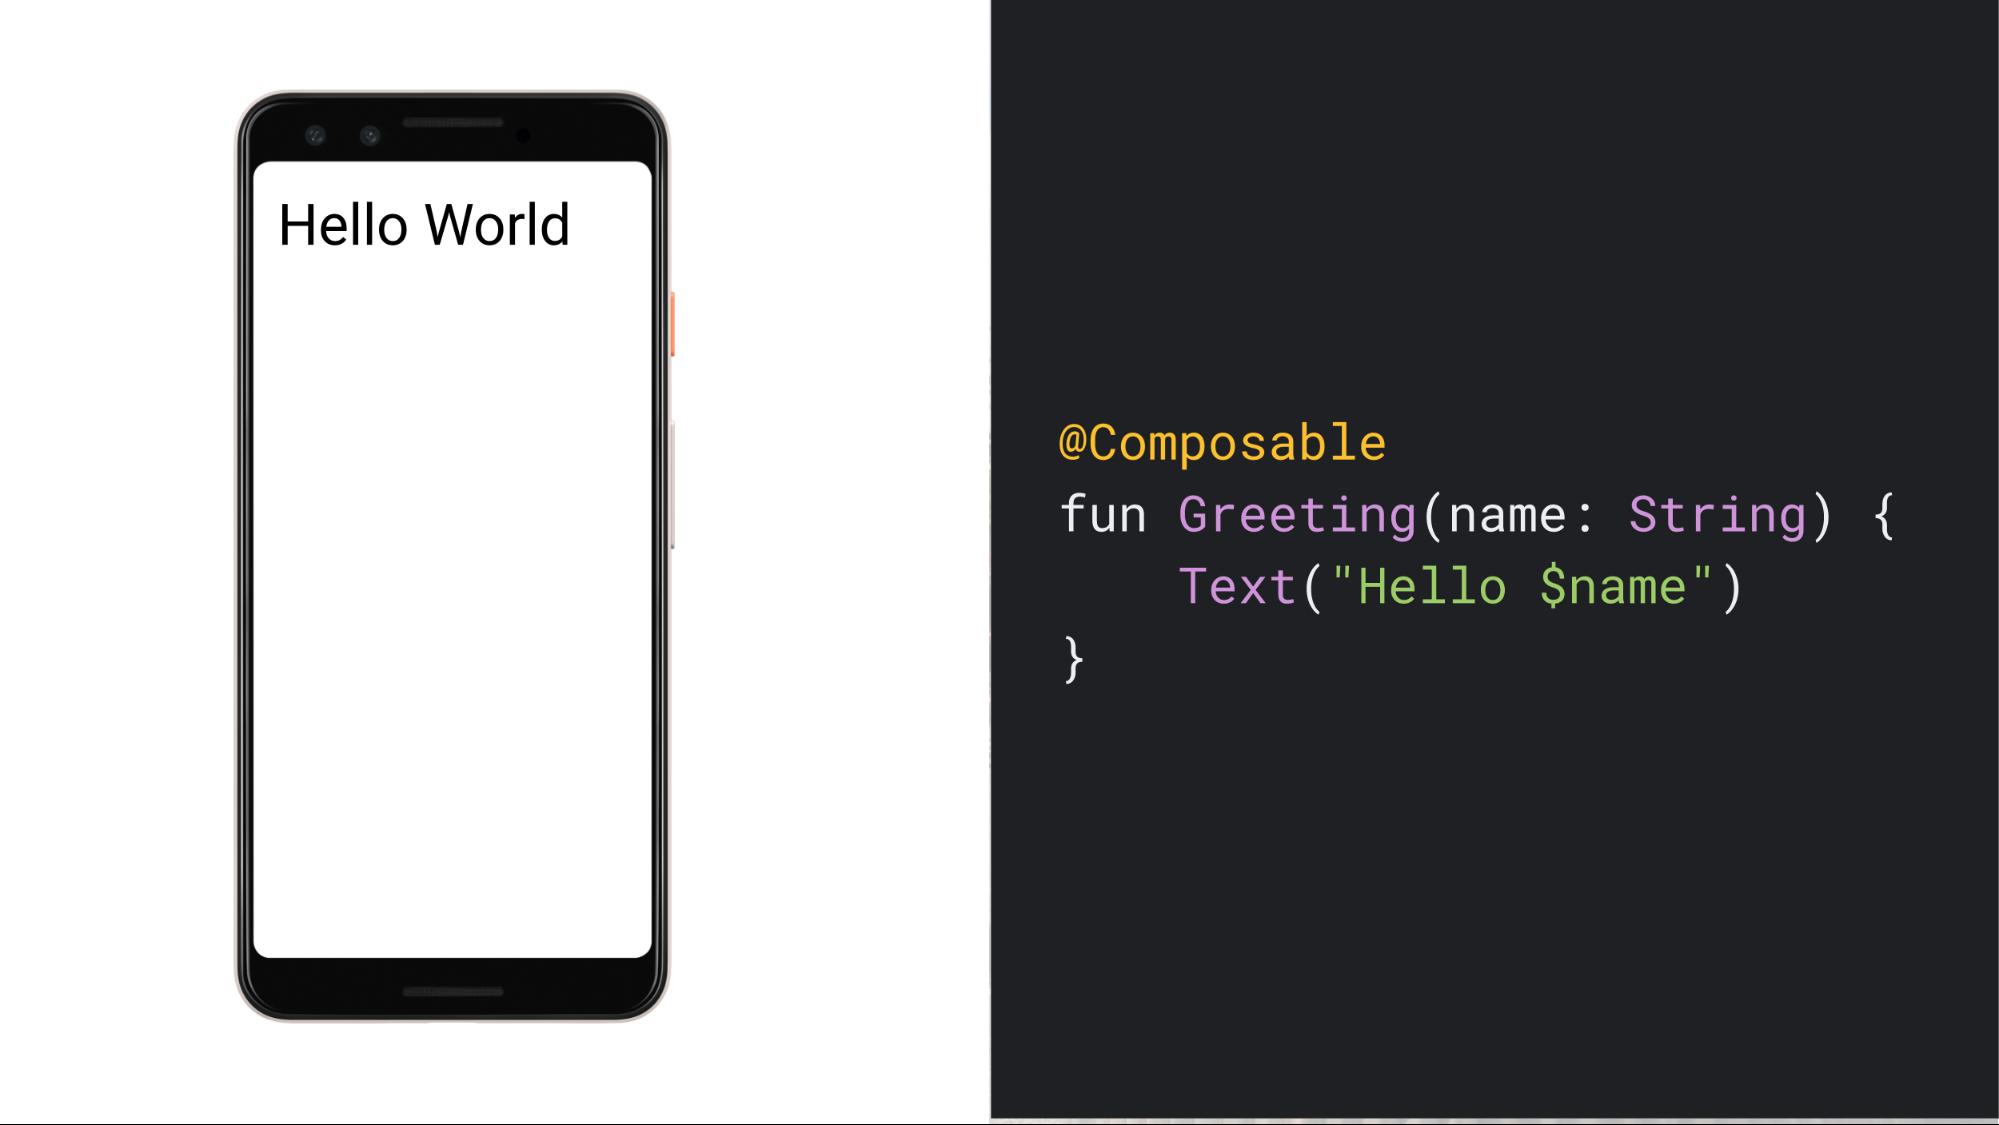 """Captura de pantalla de un teléfono que muestra el texto """"Hello World"""" y el código de la función simple que admite composición y que genera esa IU"""